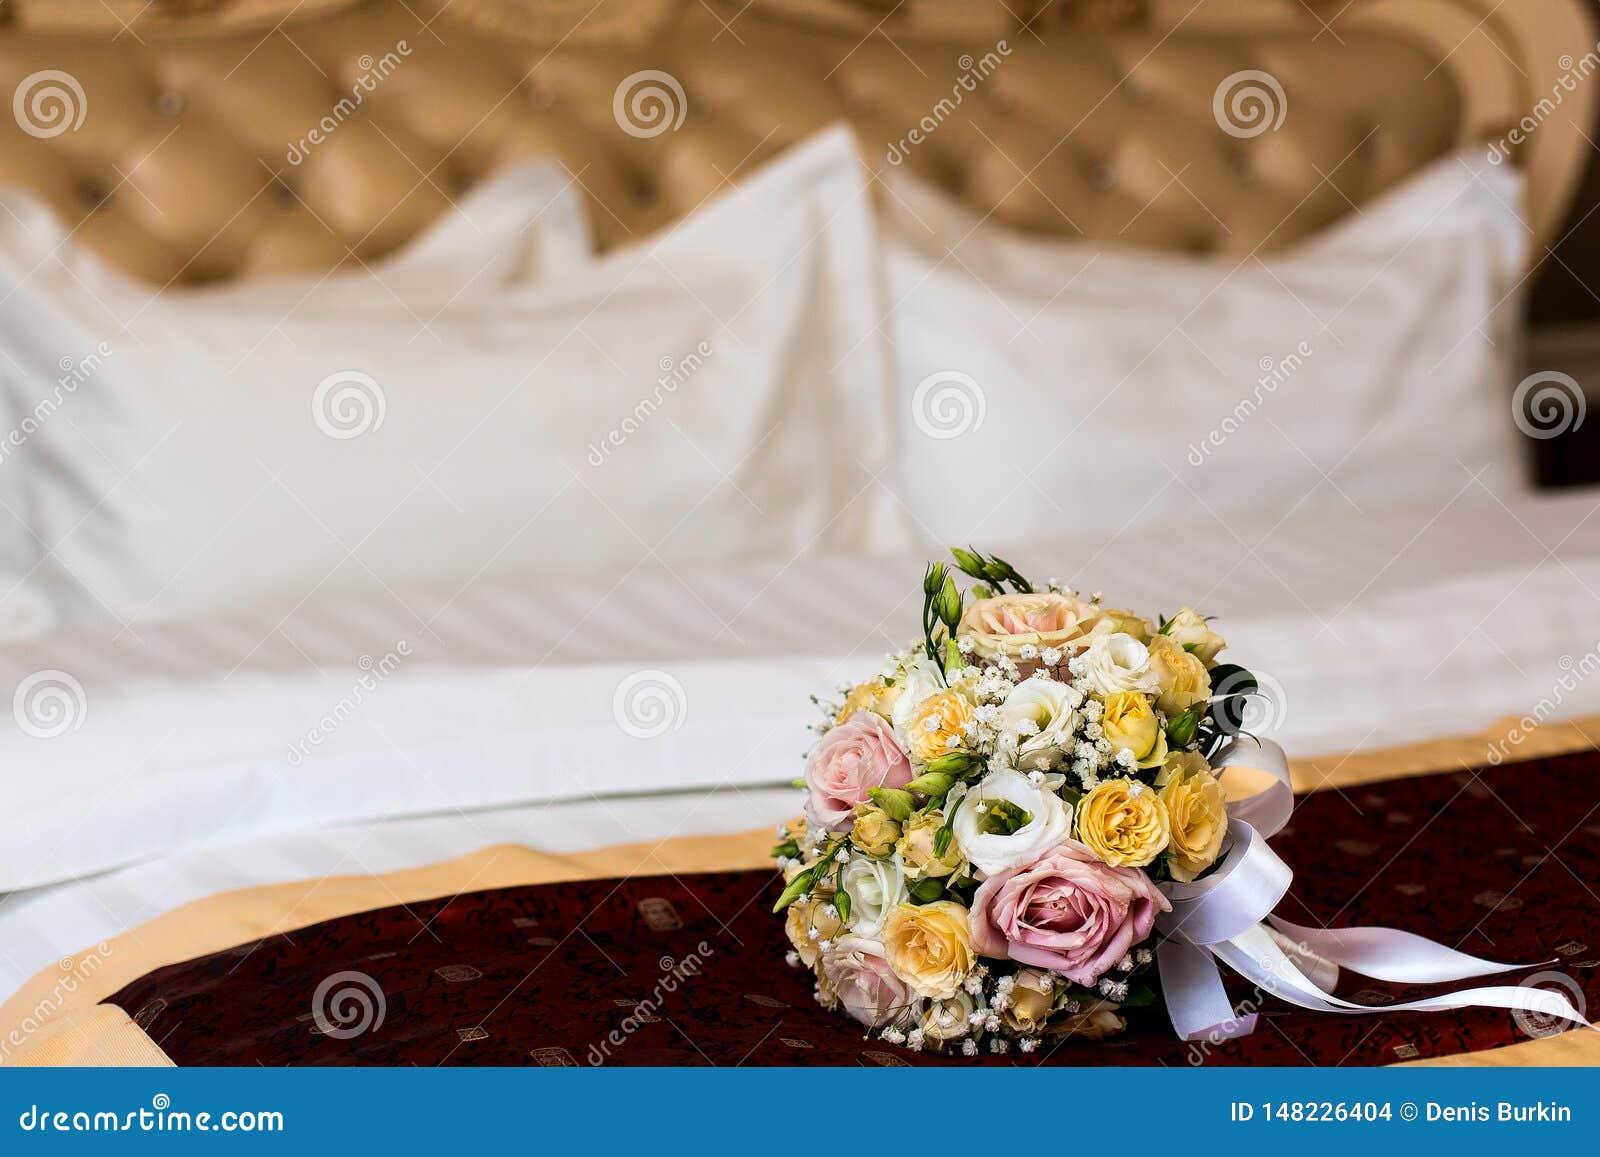 El ramo de la novia en la cama Noche de boda el ramo de la novia en la cama Flores para la boda Ramo para su favorito